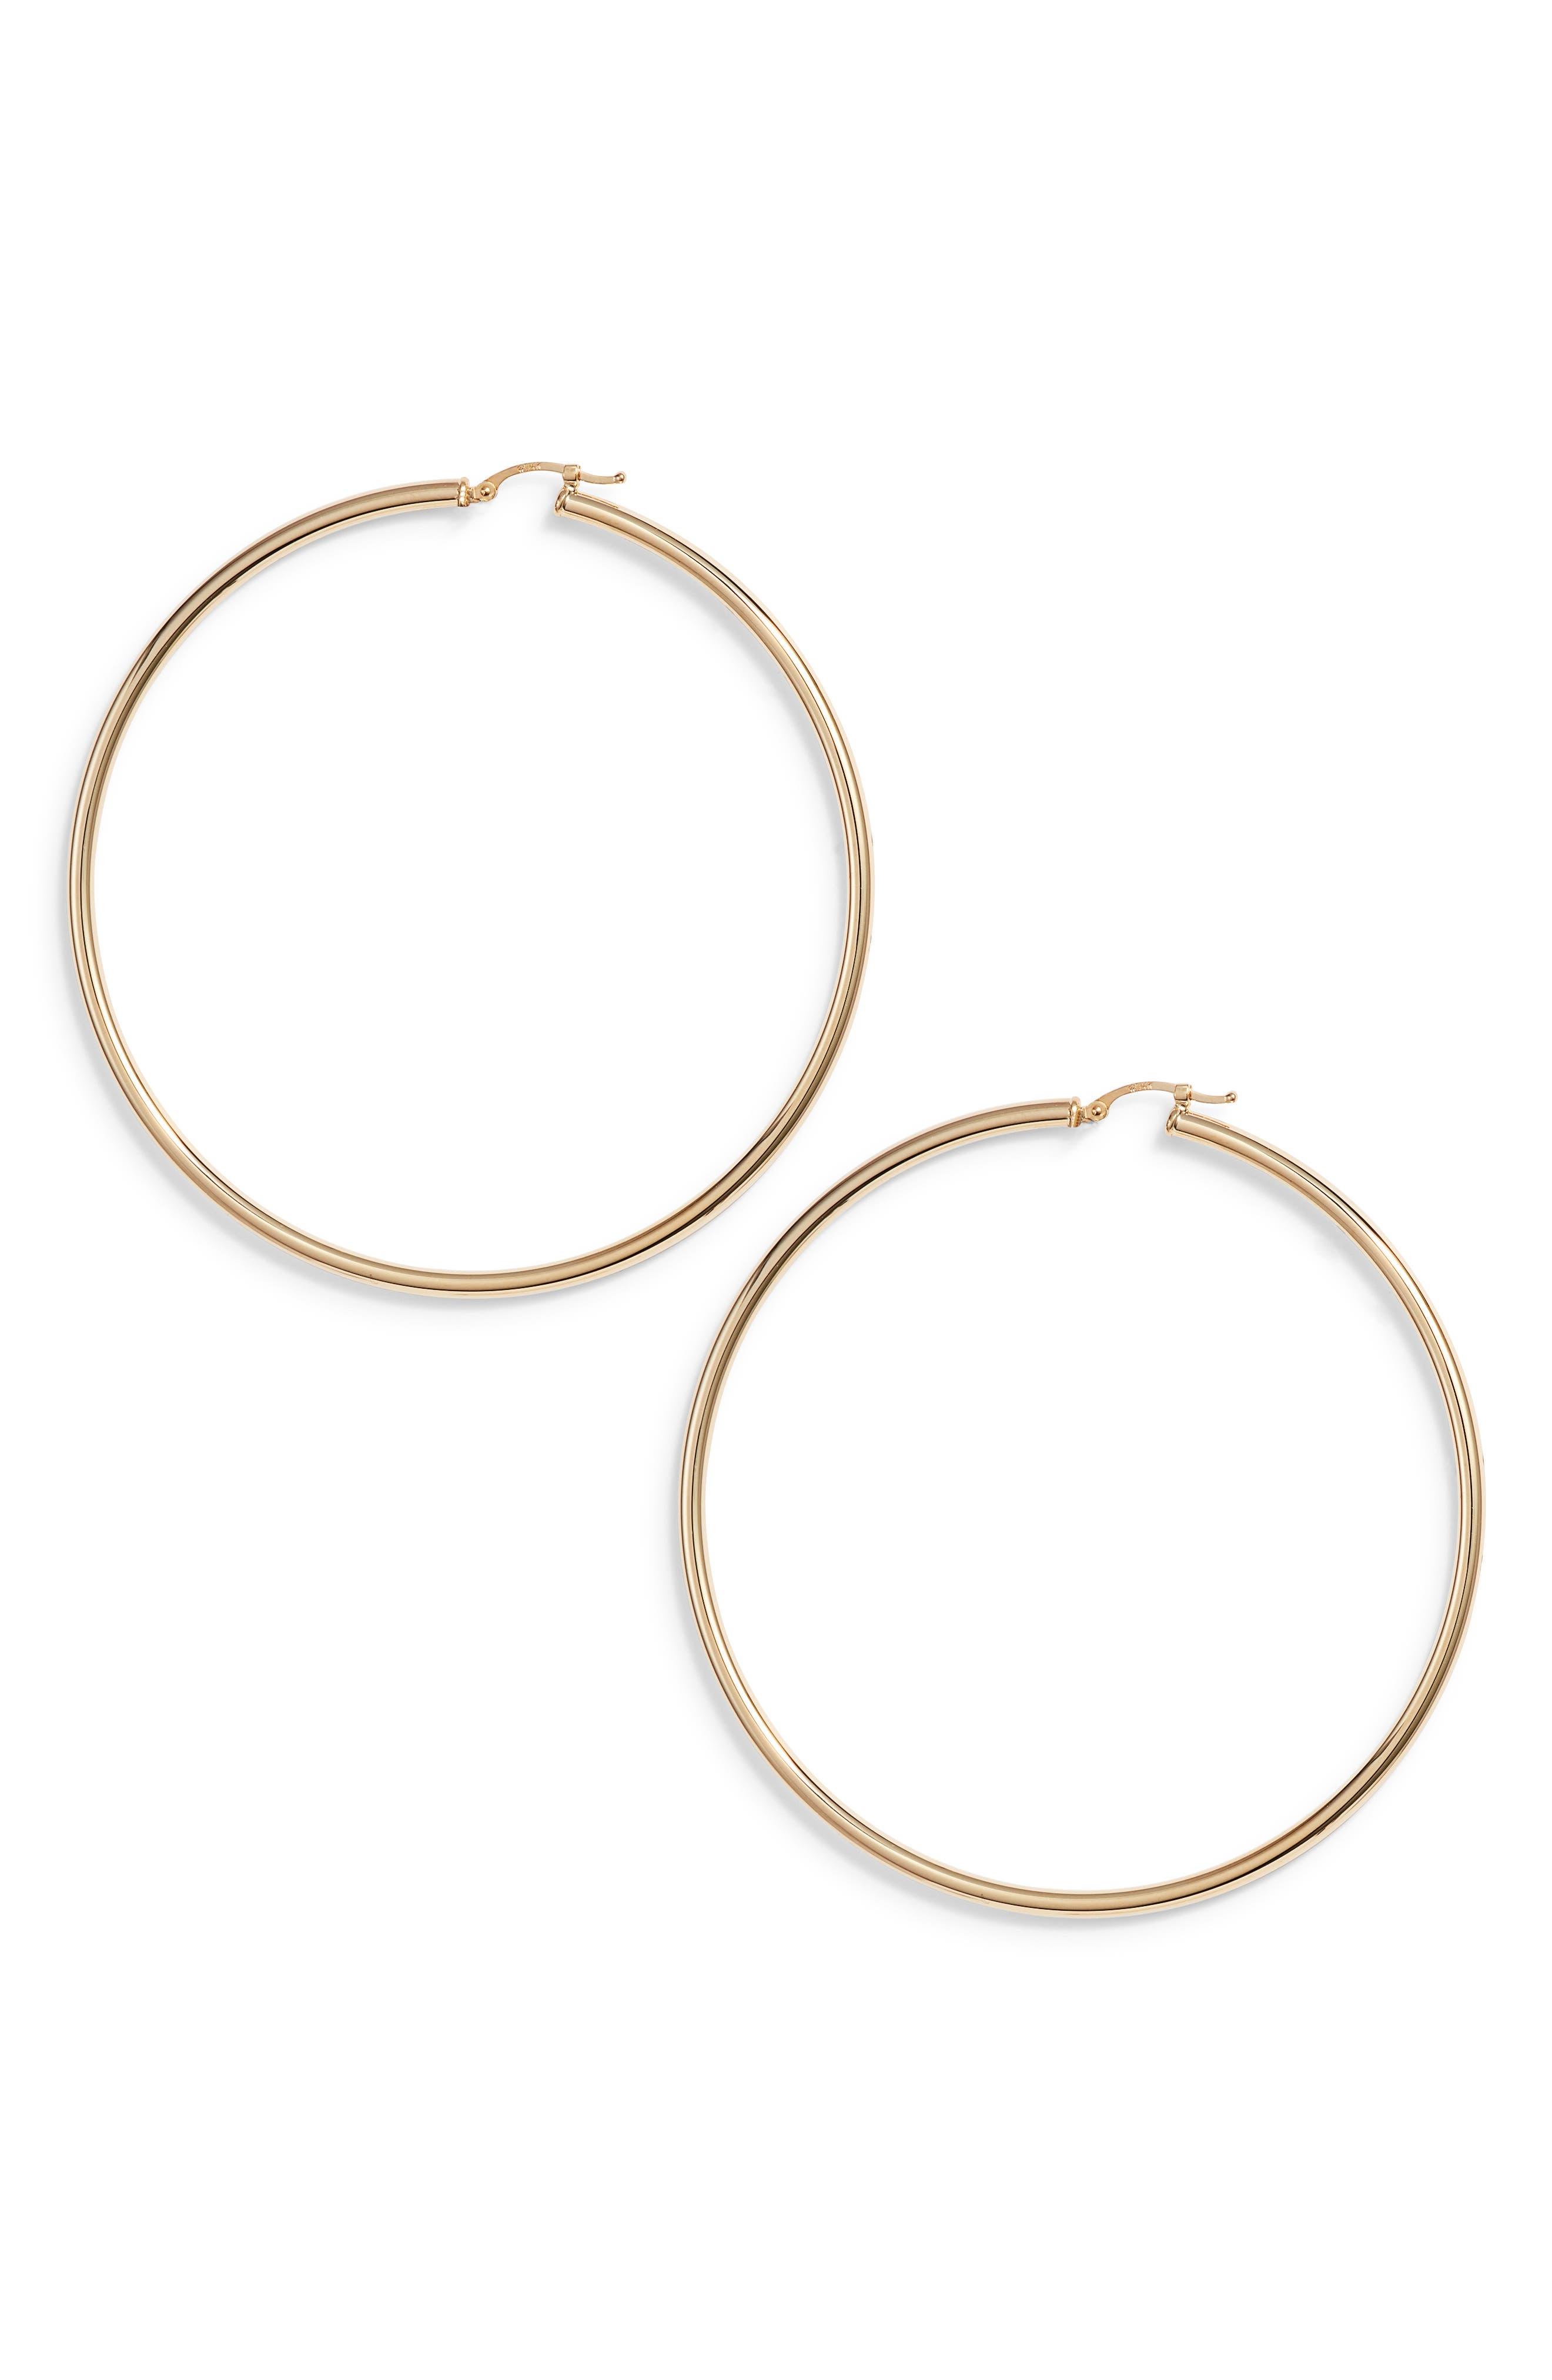 Giant Hoop Earrings